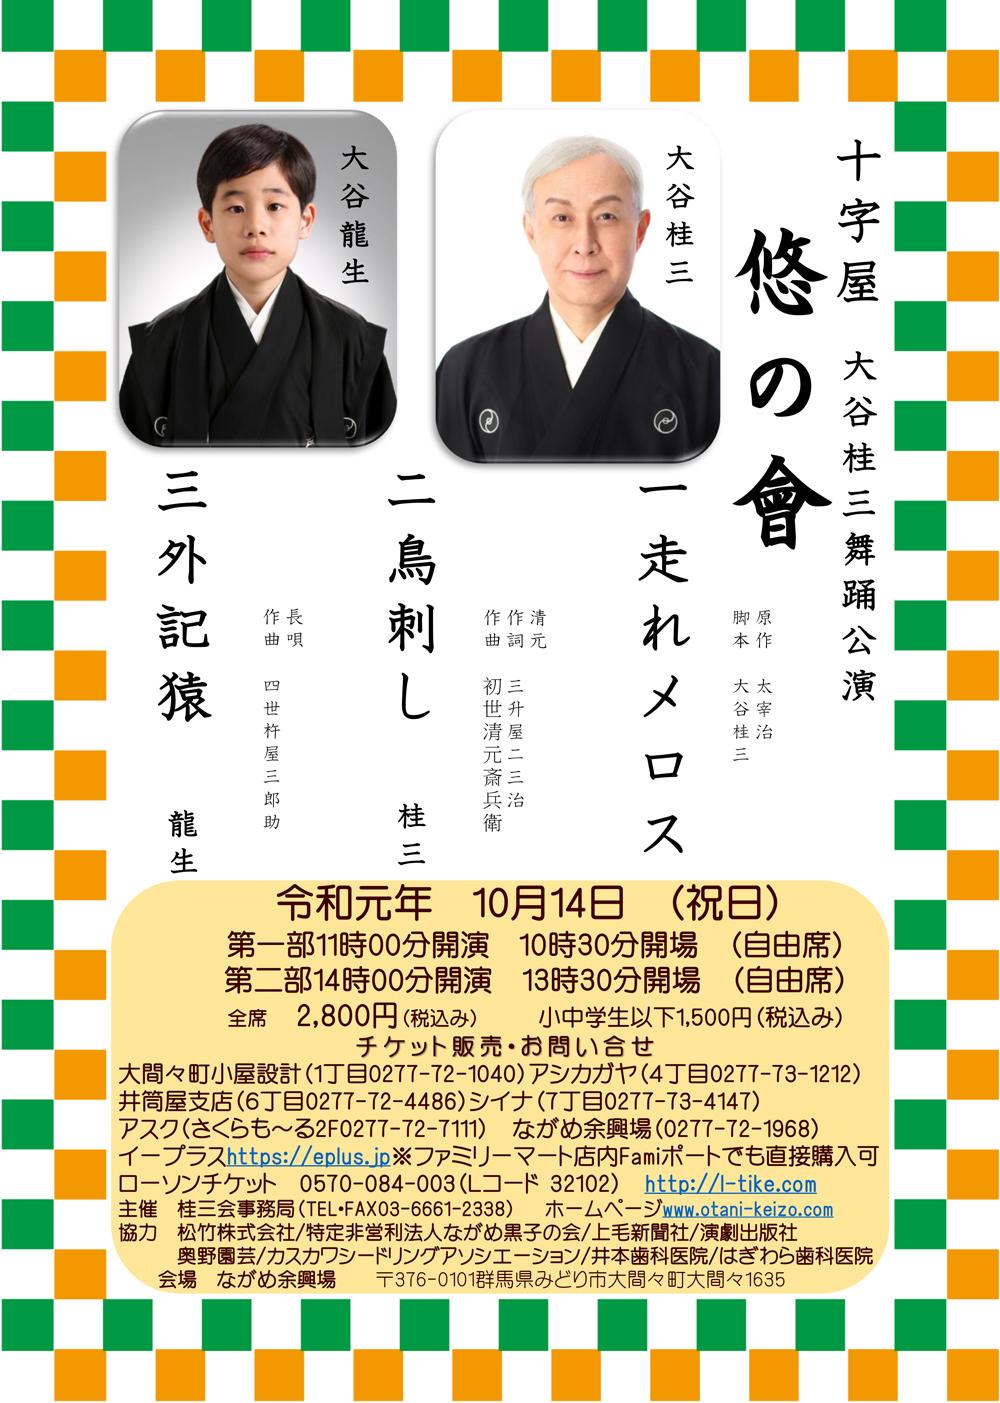 「十字屋 大谷桂三舞踊公演 悠の會」のお知らせ